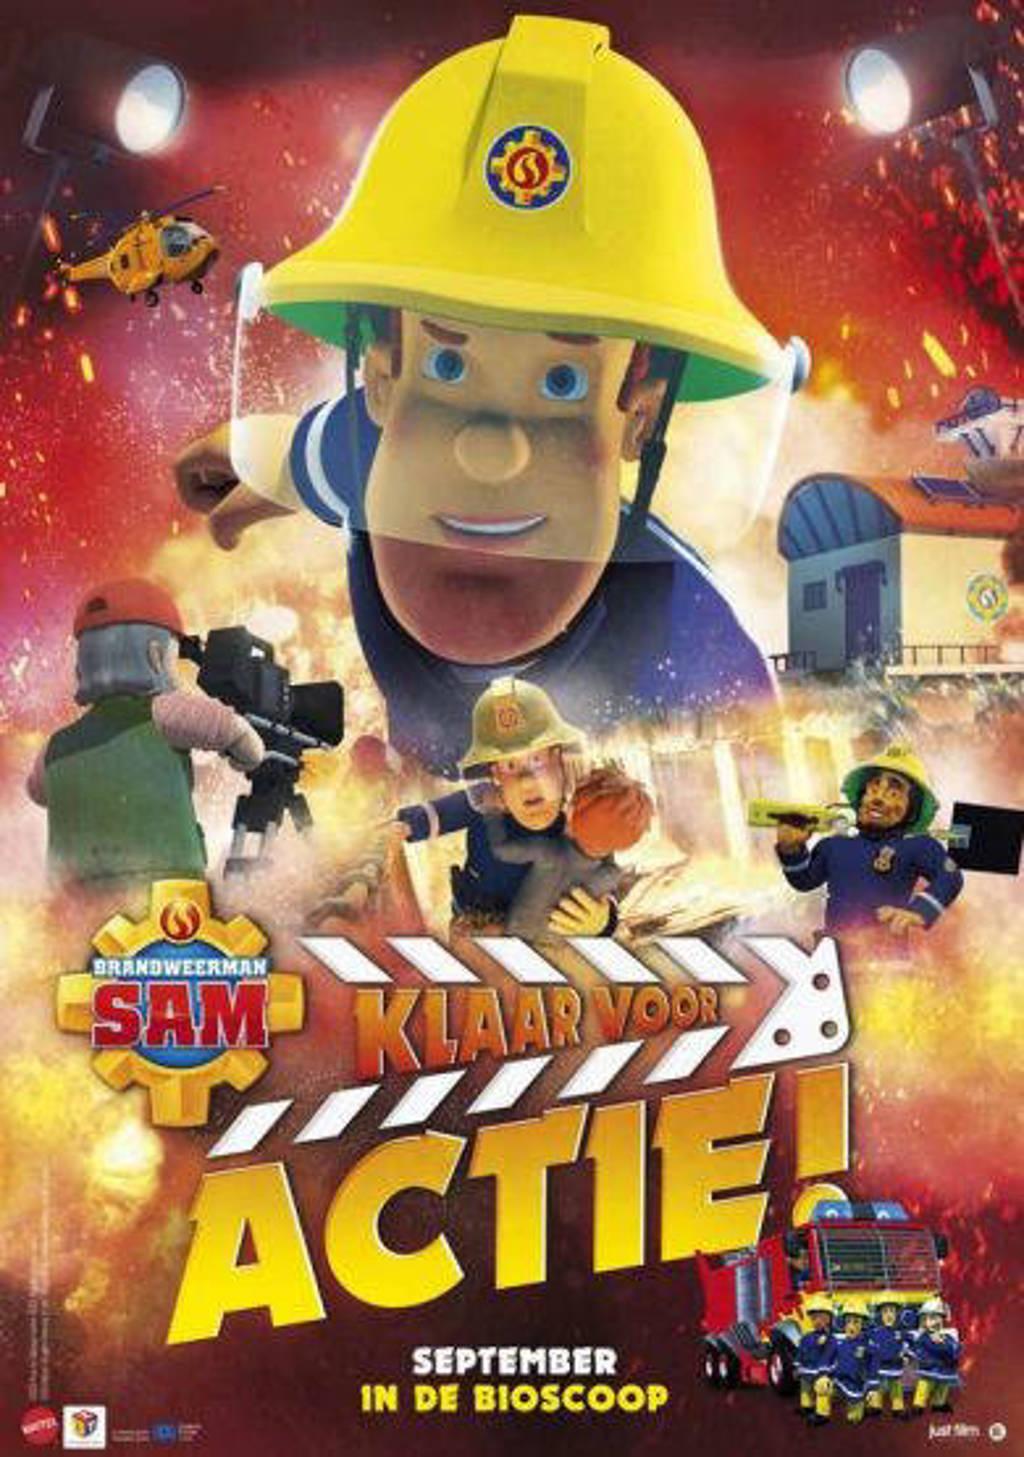 Brandweerman Sam - Klaar voor actie (DVD)